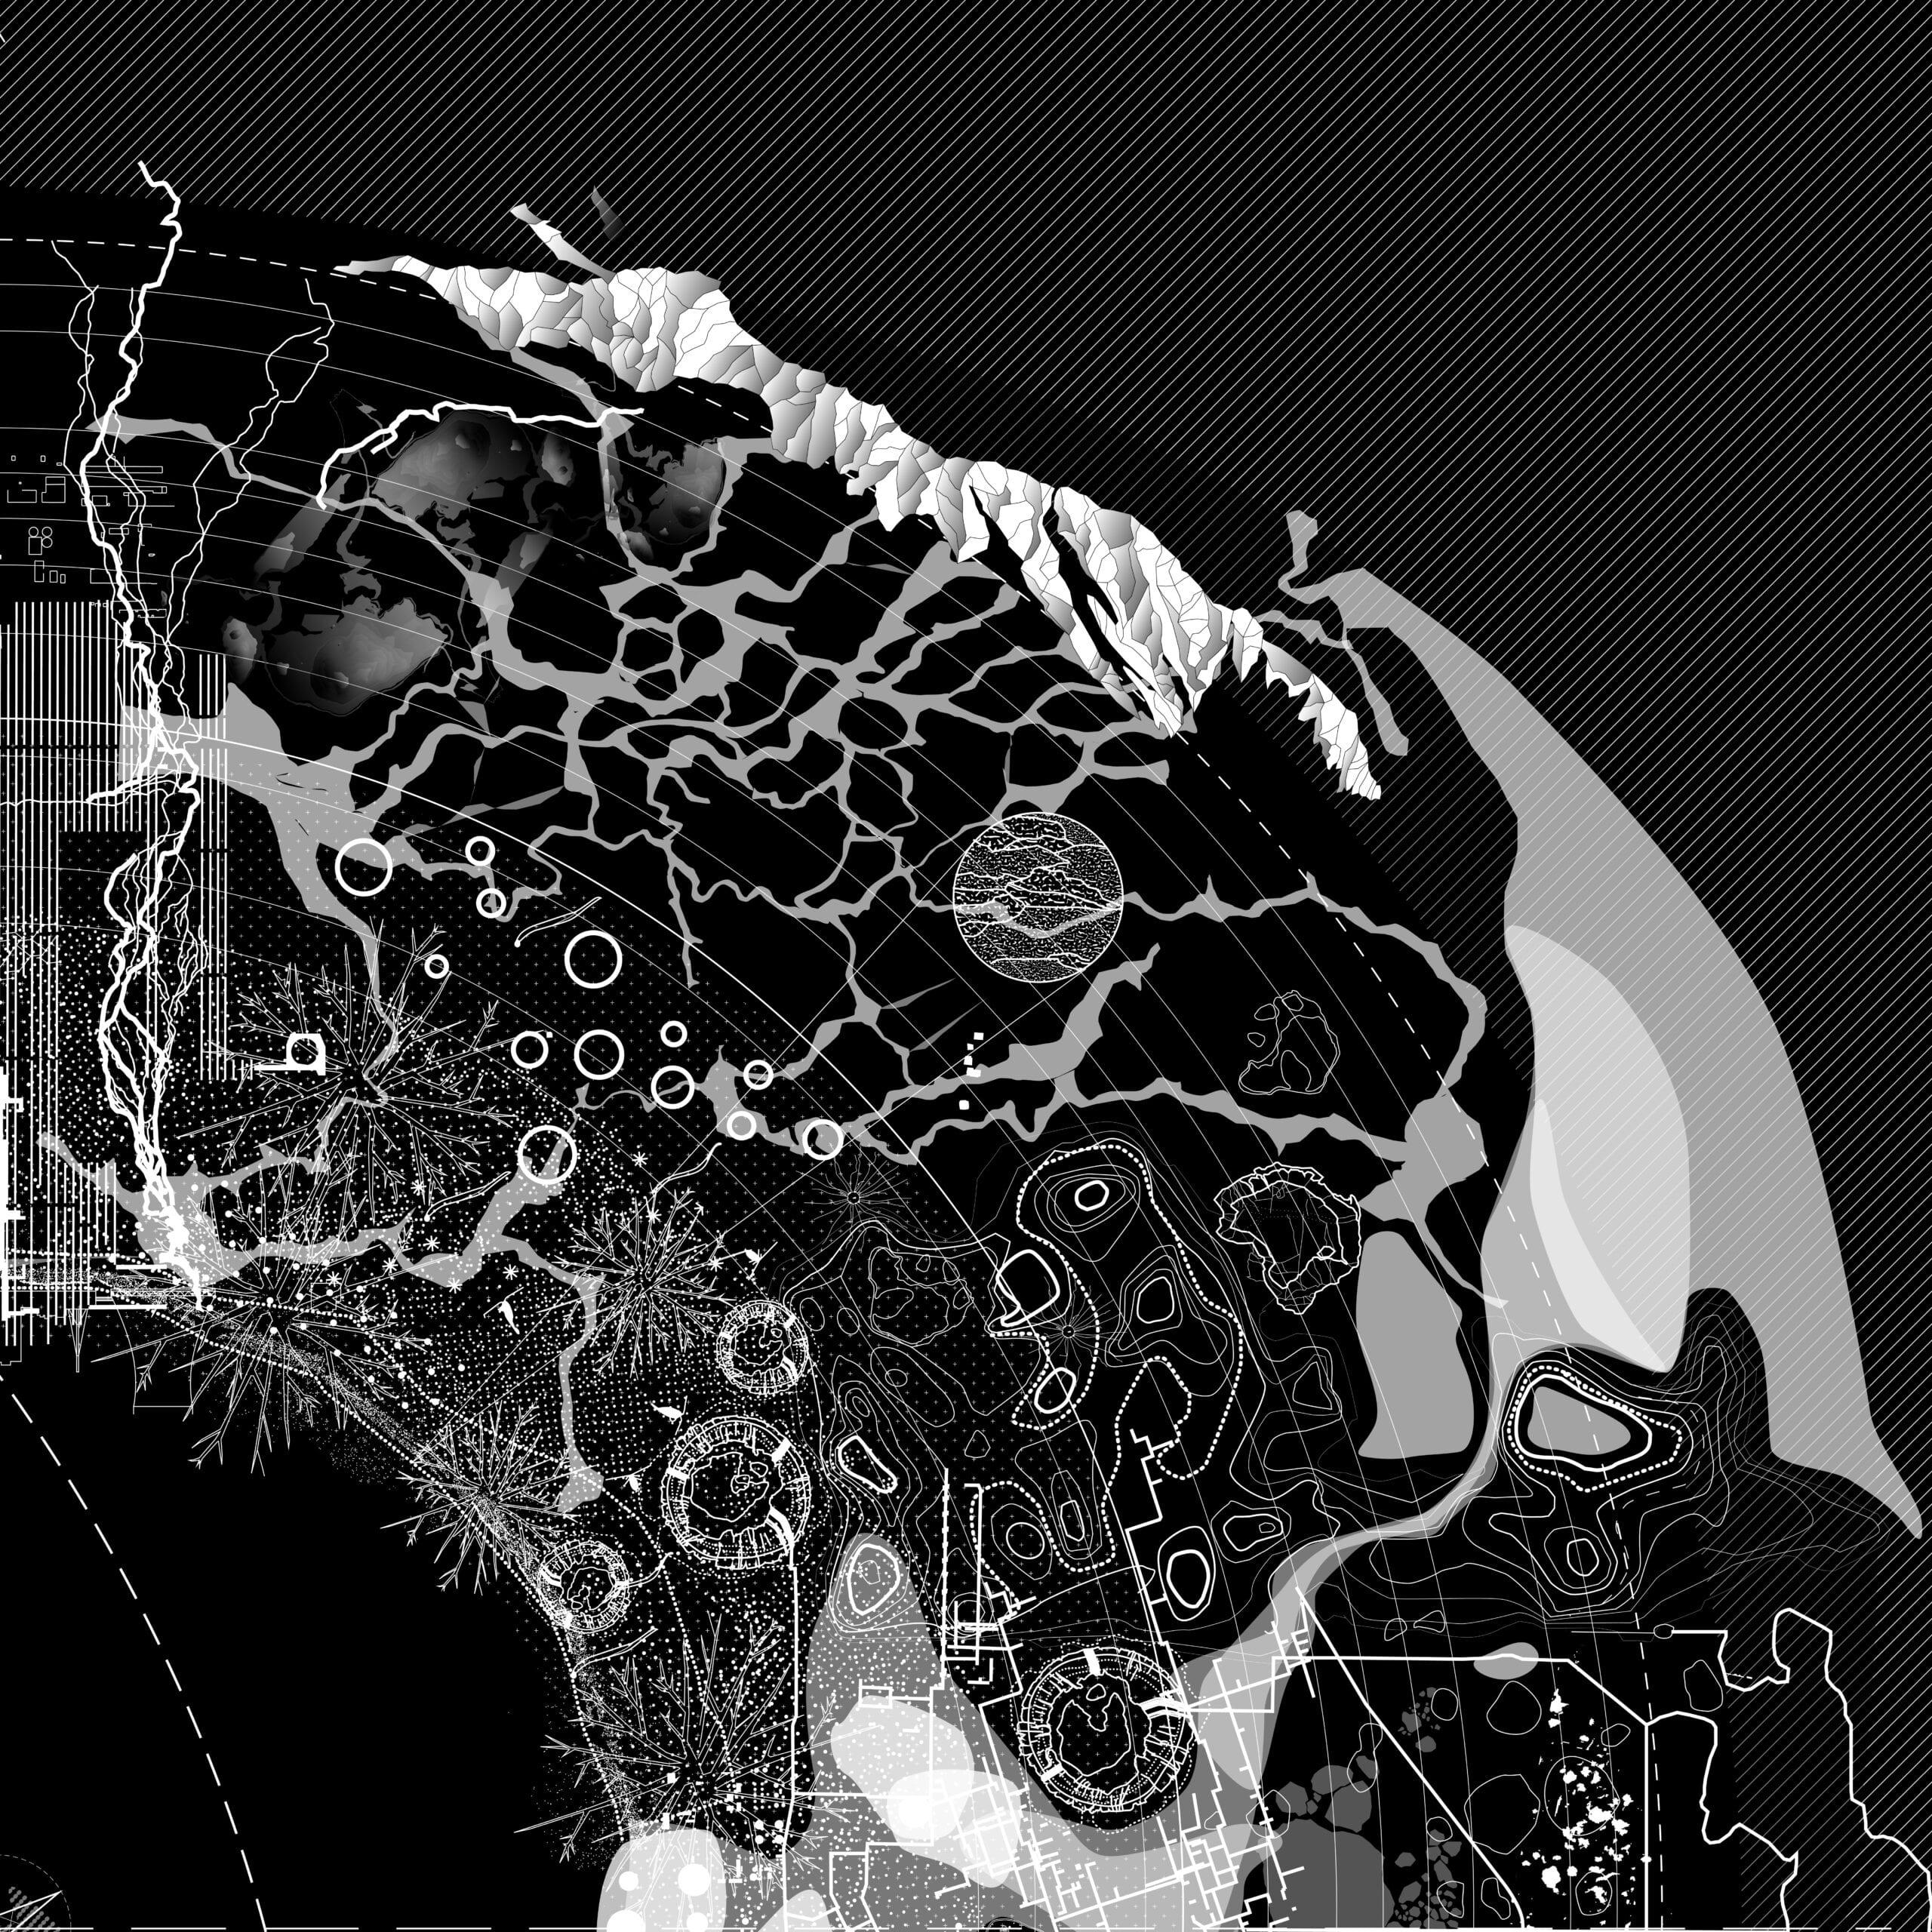 Интерактивная выставка и фестиваль об угрозе экологической катастрофы «Критические зоны»